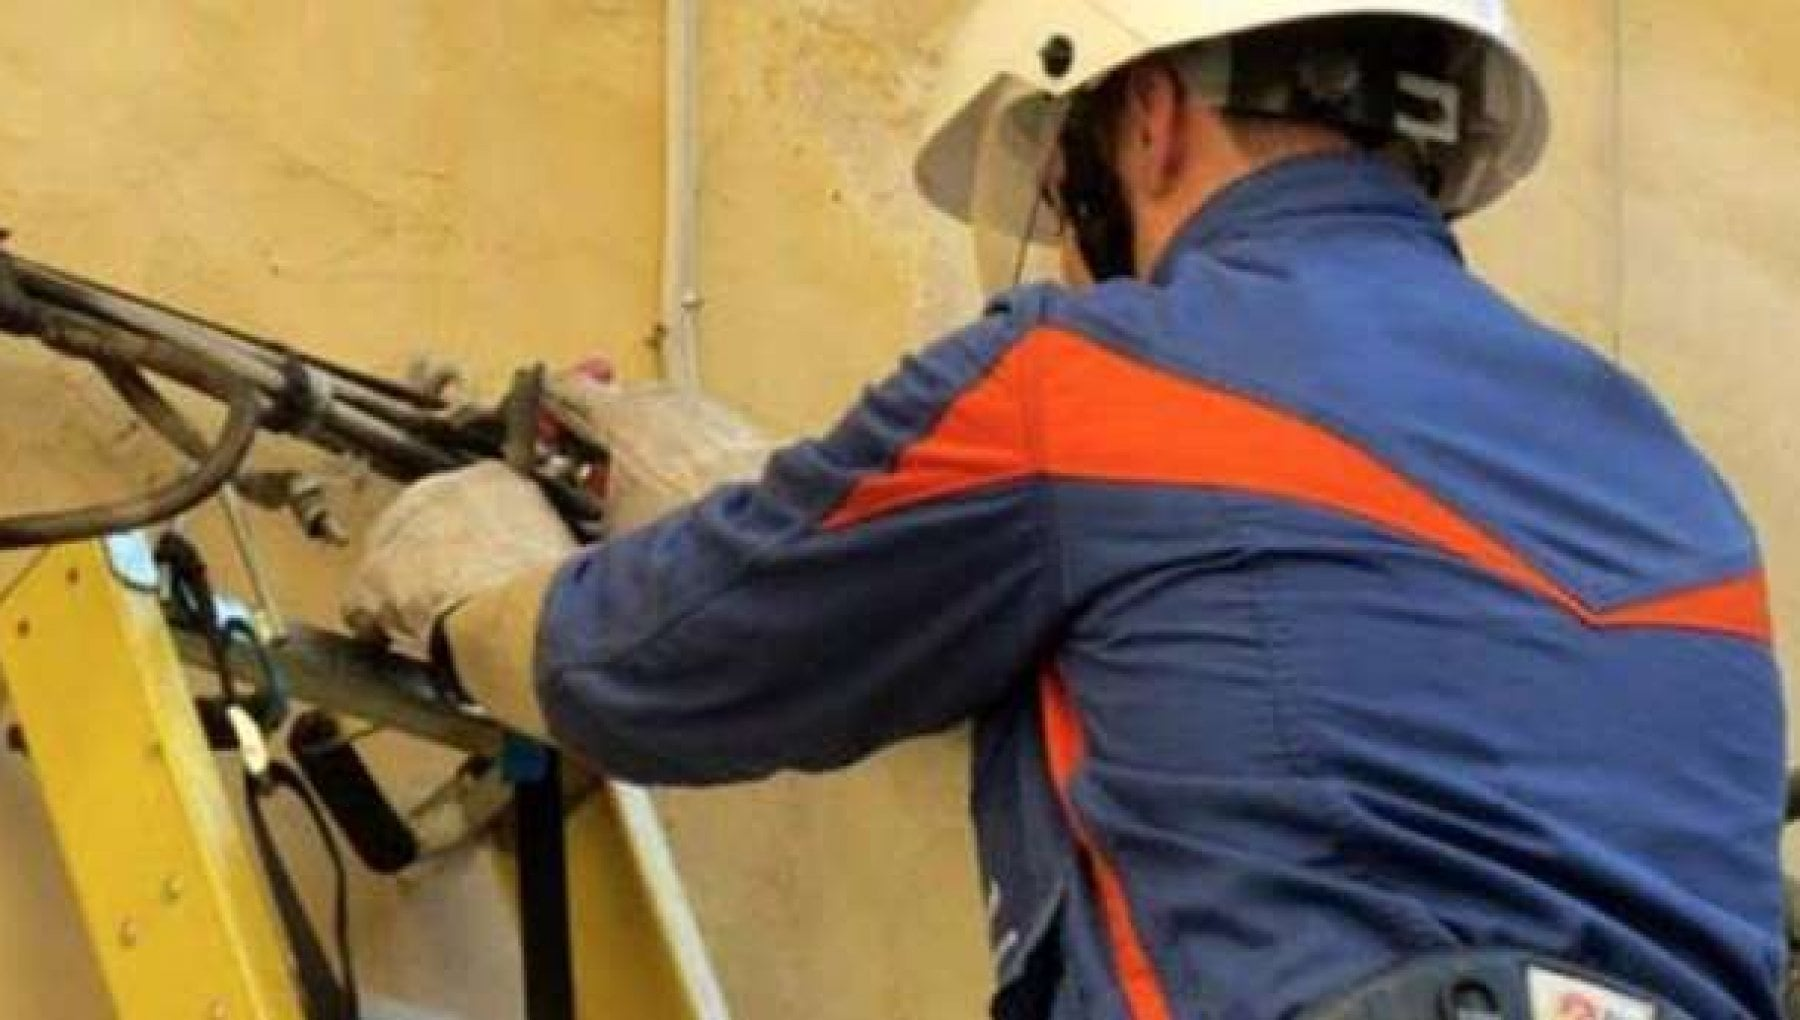 Incidenti sul lavoro tecnico Enel morto nel Casertano